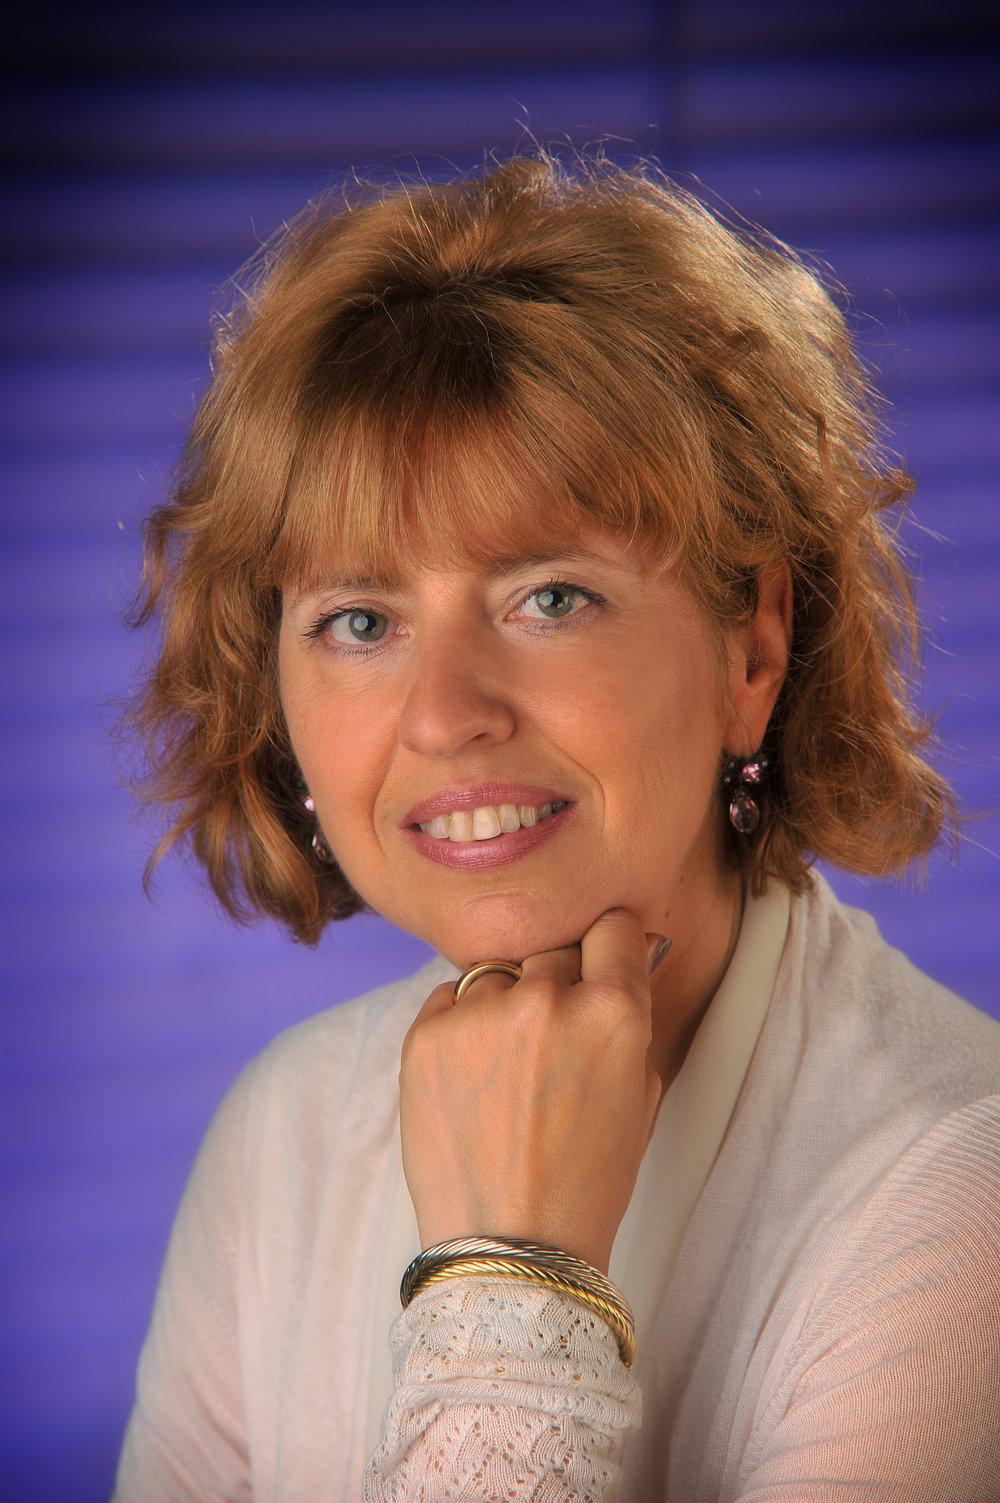 Christina Malinjod - Votre coachCoaching en image - Formations - Carrières à domicile